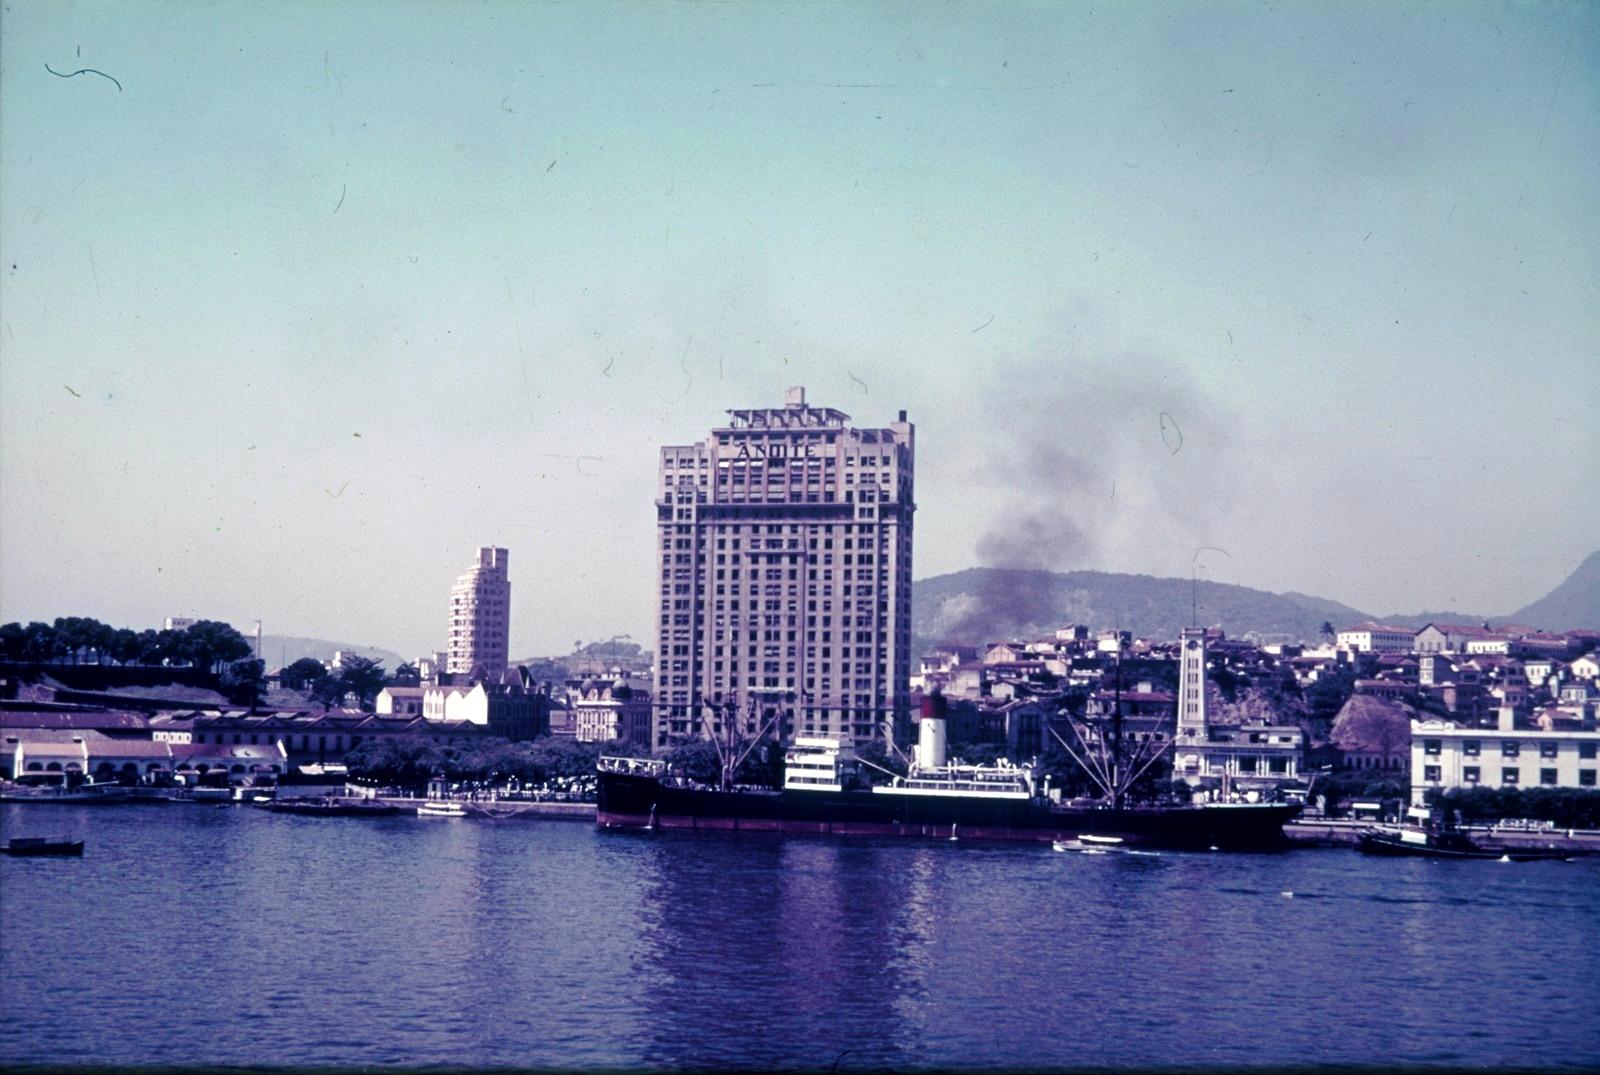 Рио-де-Жанейро. Вид на гавань со зданием газеты «Folha da Noite»